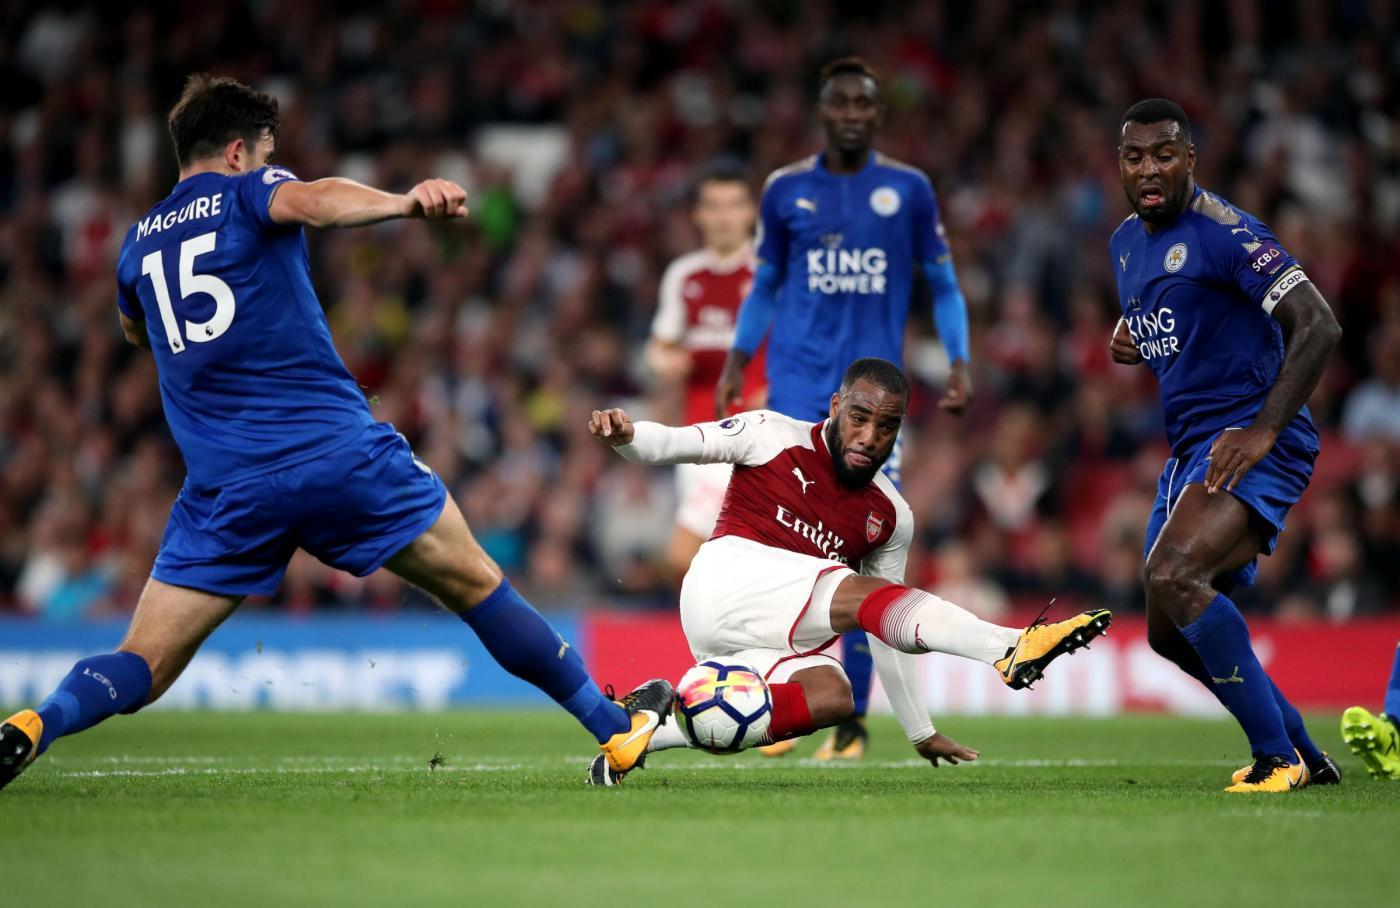 La Premier League è iniziata con i fuochi d'artificio dell'Emirates dove l'Arsenal ha battuto in rimonta 4-3 il Leicester con due gol nei minuti finali. Immediato vantaggio firmato da Lacazette al 2' subito pareggiato da Okazaki. Poi si scatena Vardy con una doppietta intervallata dalla rete di Welbeck al 45'. Tra l'83' e l'85' i cambi di Wenger decidono il match: prima il pareggio di Ramsey con una giocata in area, poi l'incornata di Giroud.